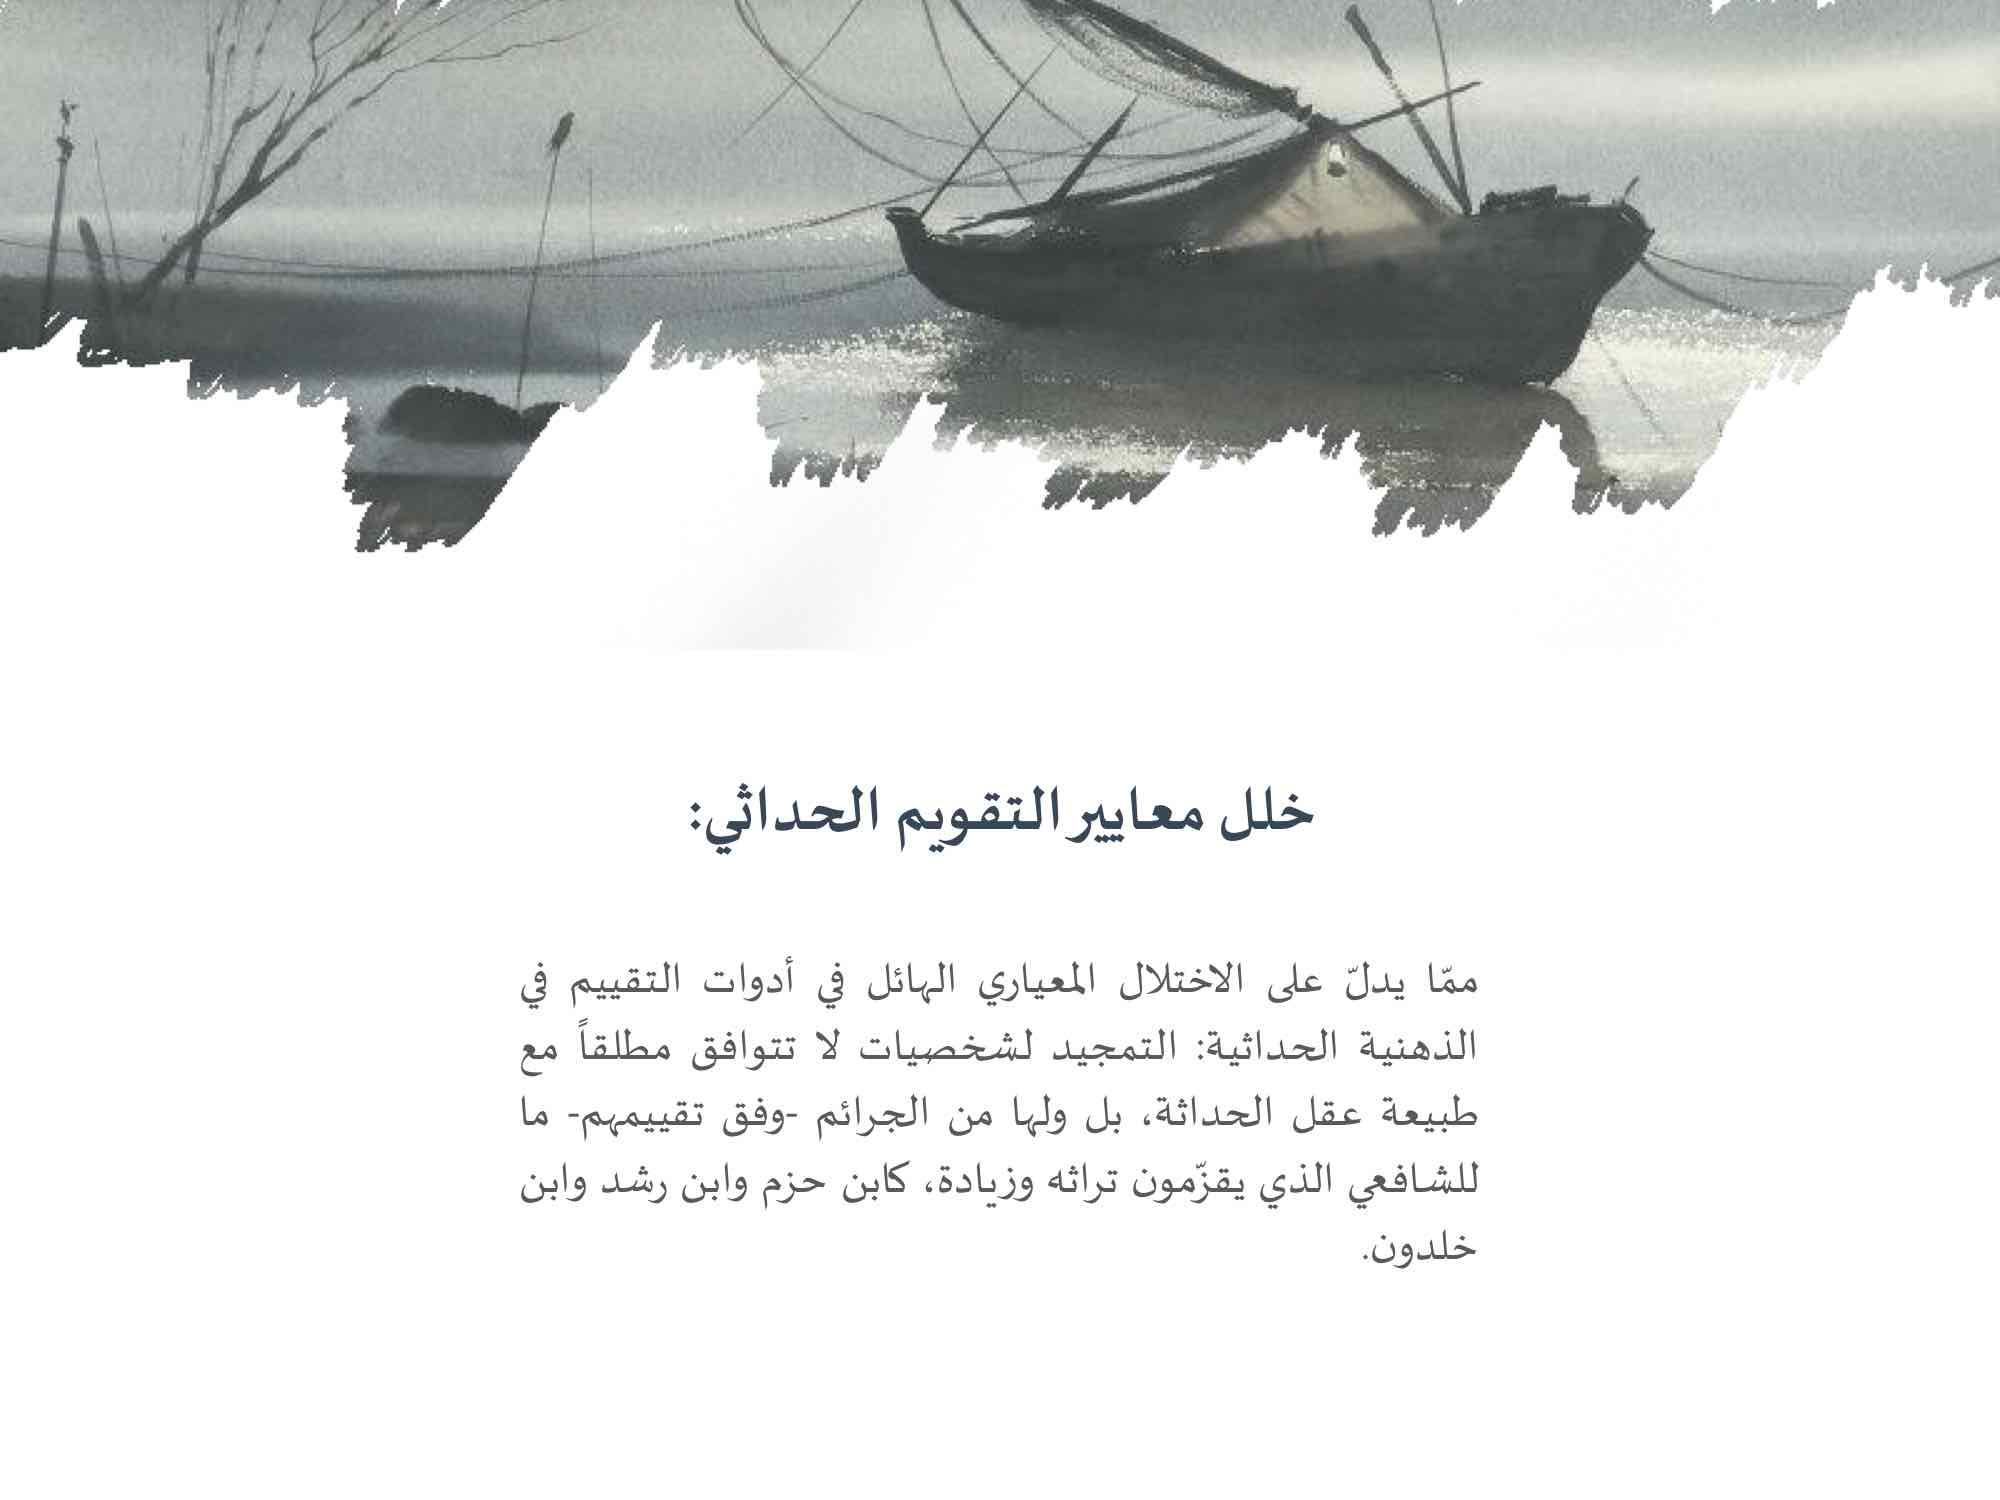 تحميل كتاب ينبوع الغواية الفكرية pdf